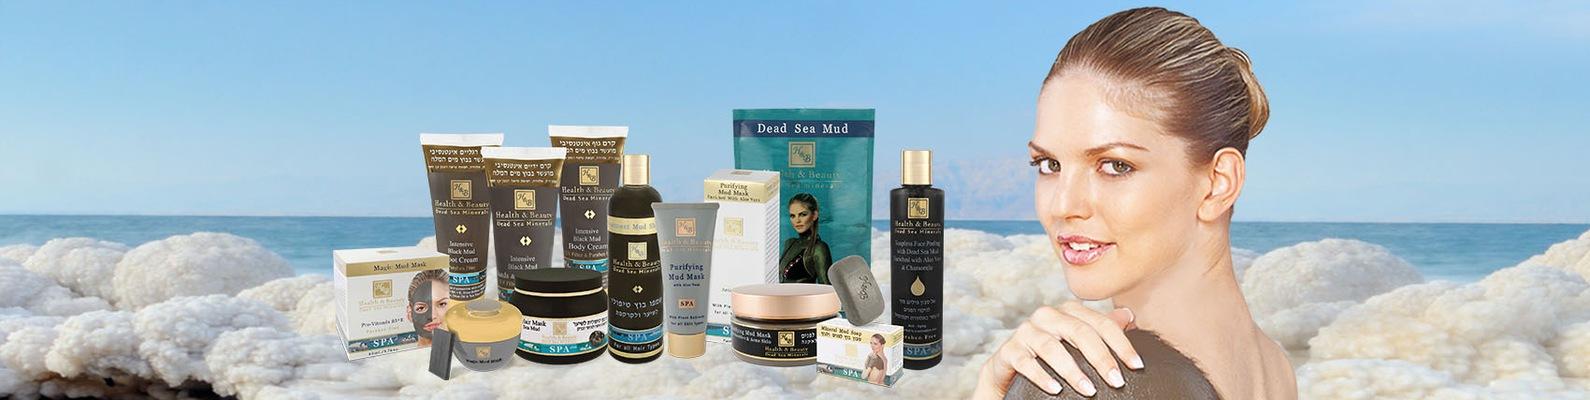 Лечебная косметика мертвого моря из израиля купить косметика концепт для волос купить